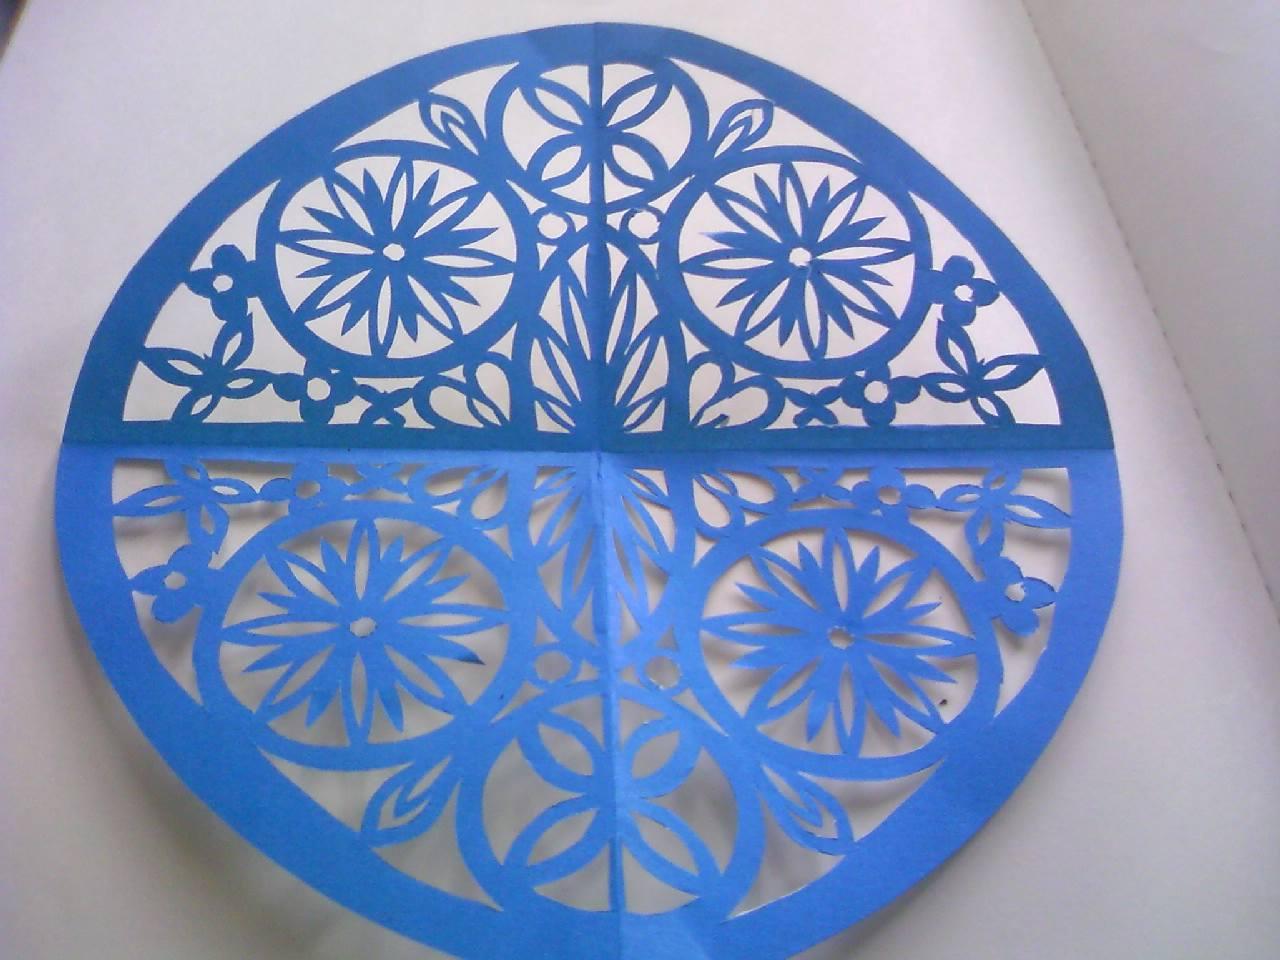 懐かしい折り紙☆皆さんは、折り紙でどんな切り抜きができる?のサムネイル画像